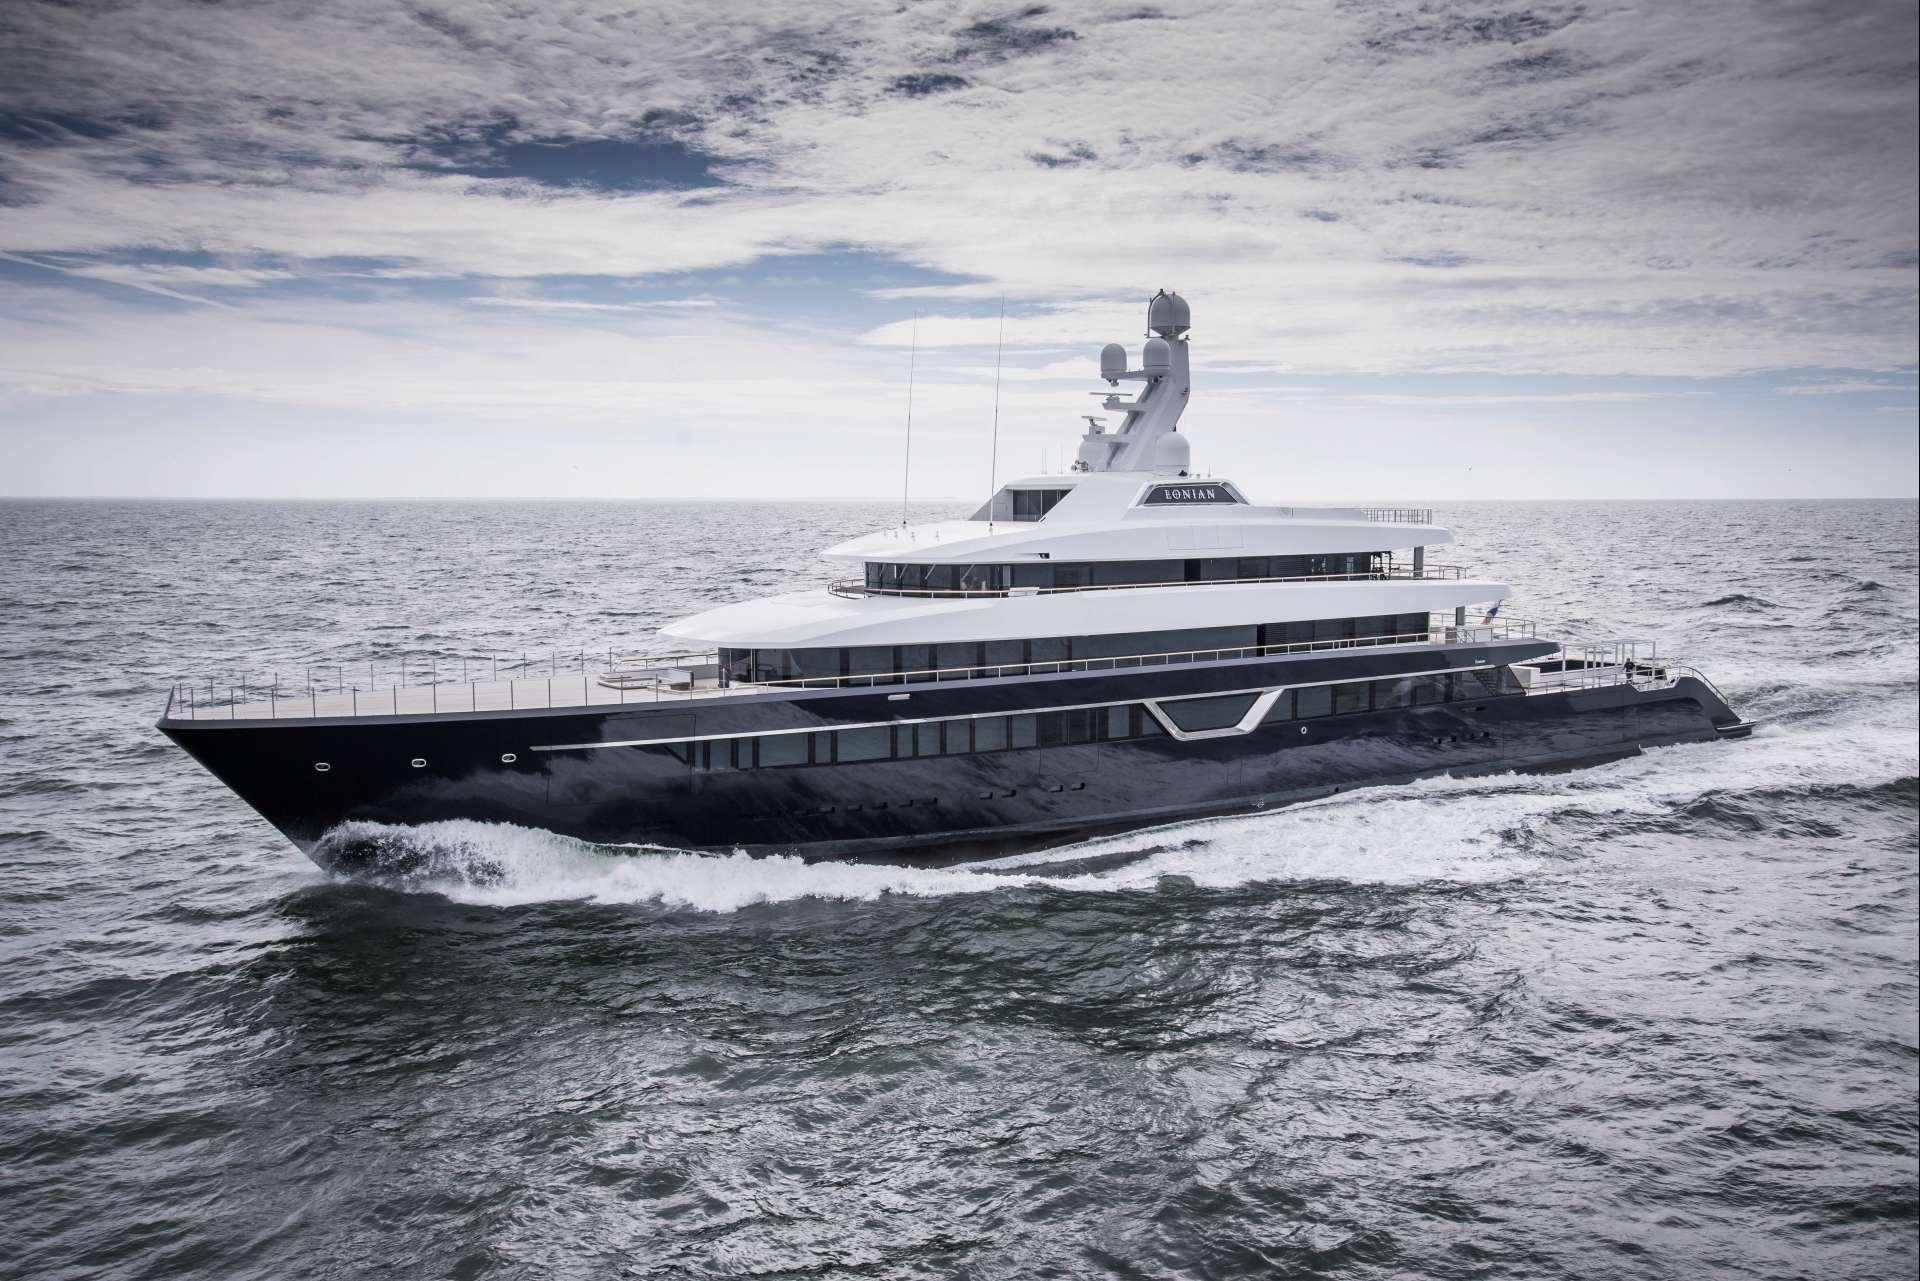 Lonian Feadship Royal Dutch Shipyards